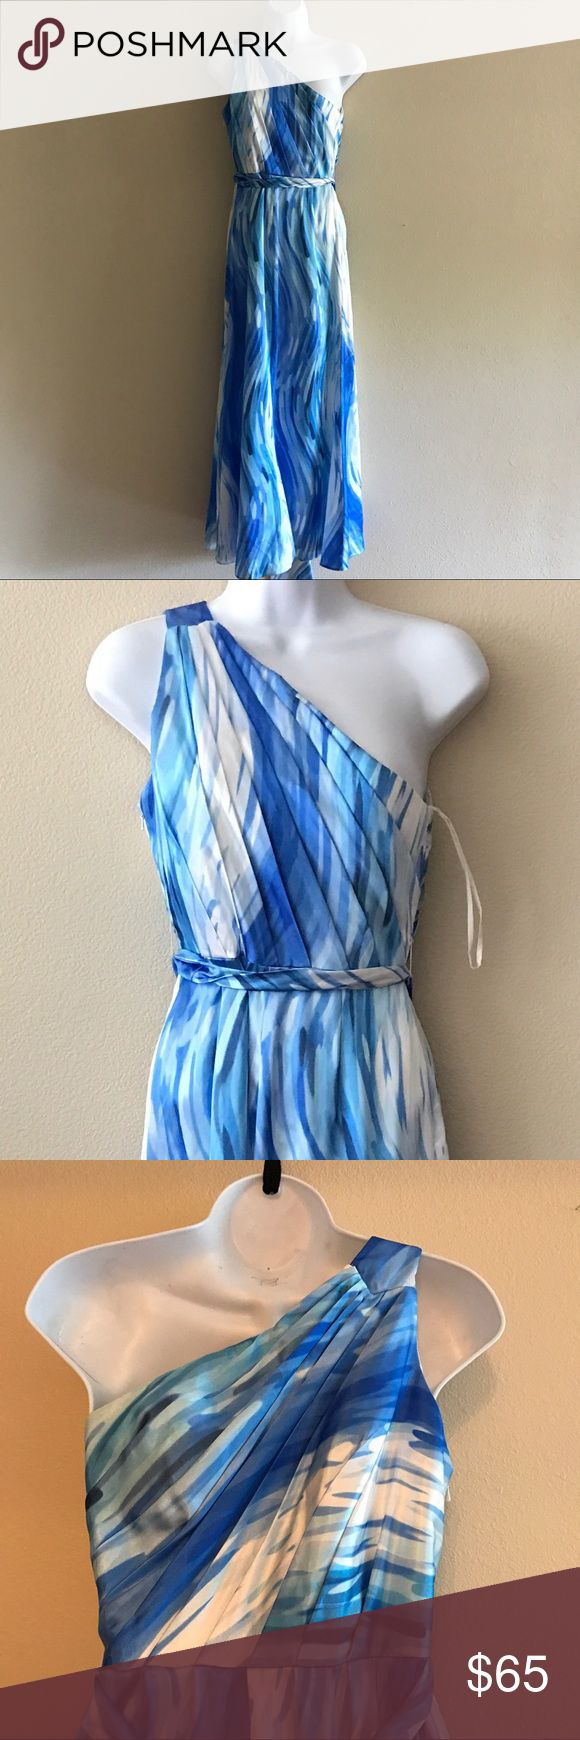 """One shoulder blue and white formal dress size 4 Length - 51""""   Pit to pit  - 16""""  Waist - 26""""     Unbranded unbranded Dresses One Shoulder"""